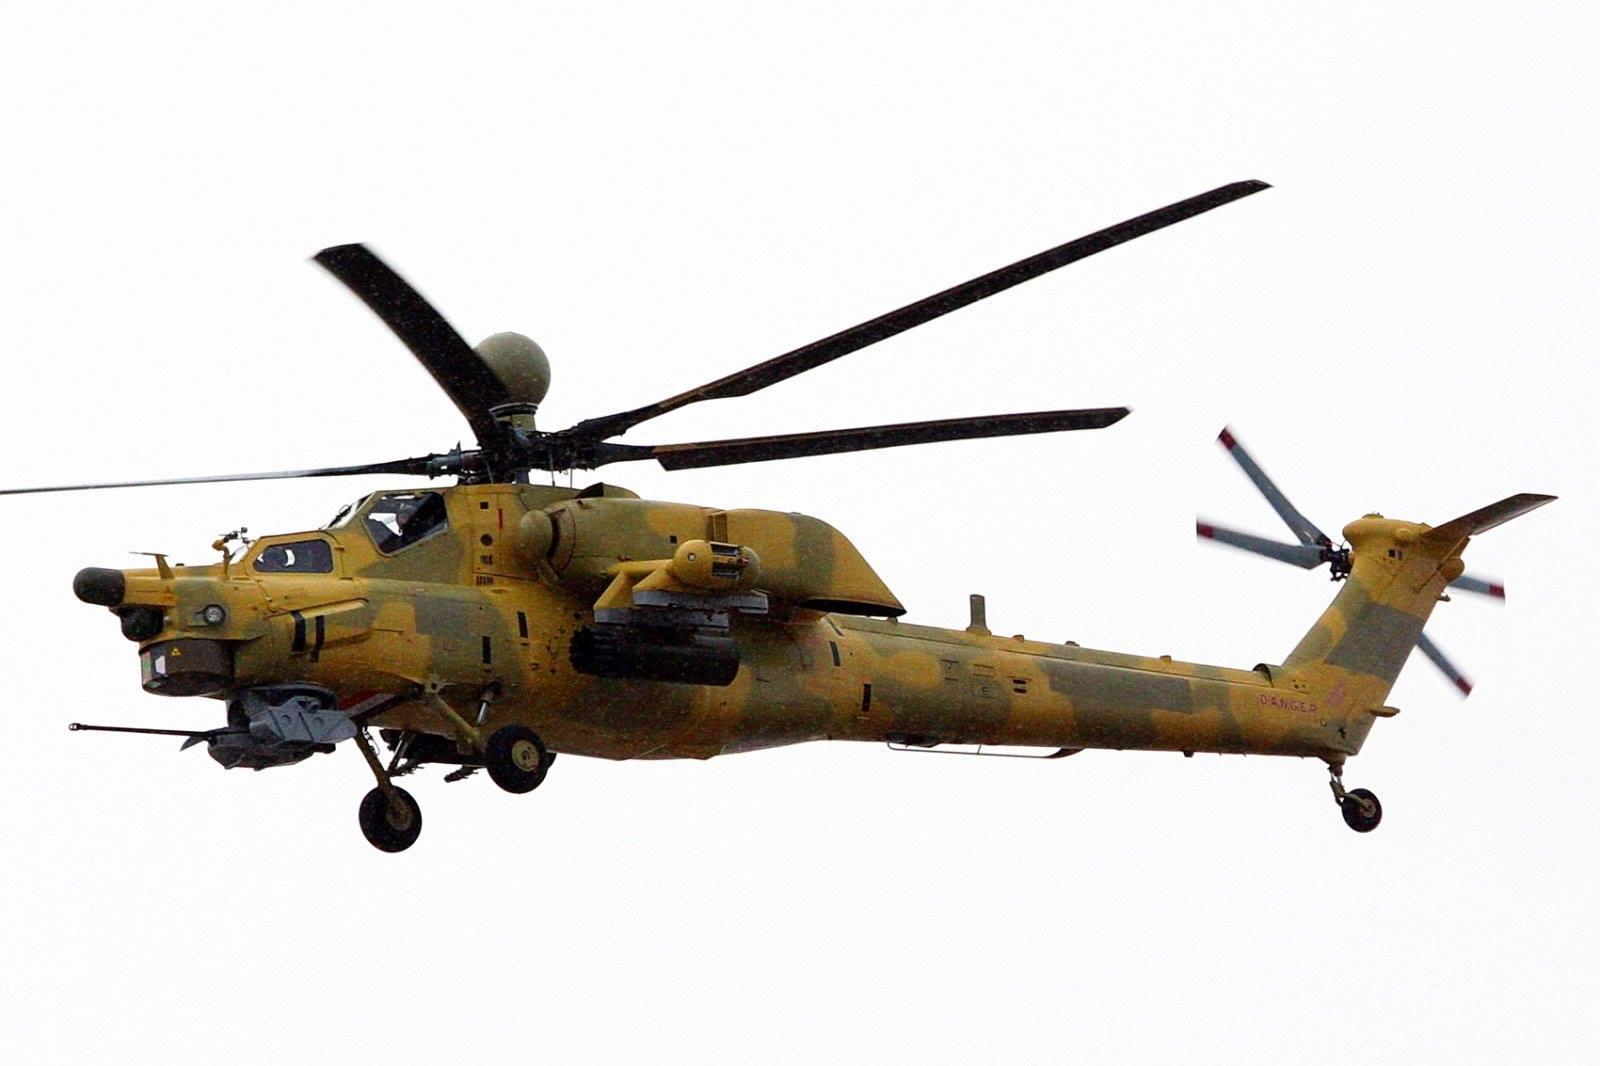 Helicopteros del Ejercito - Página 6 Mi-28-Iraq-2